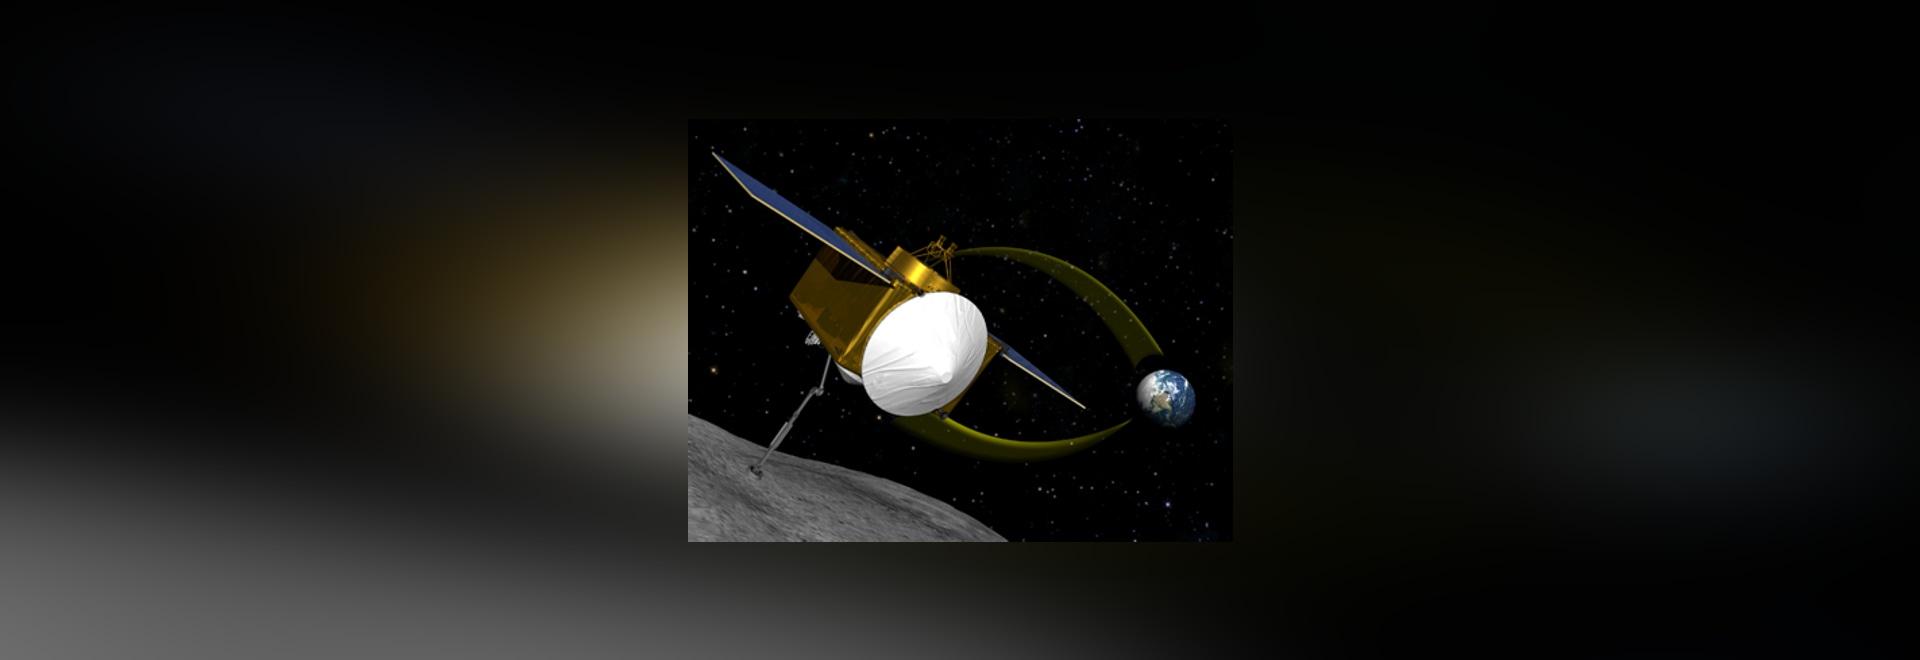 BEI Kimco Magnetics entwarf einen kundengebundenen beweglichen Magnet-Sprachspulen-Auslöser für das OSIRIS-Rex Raumfahrzeug